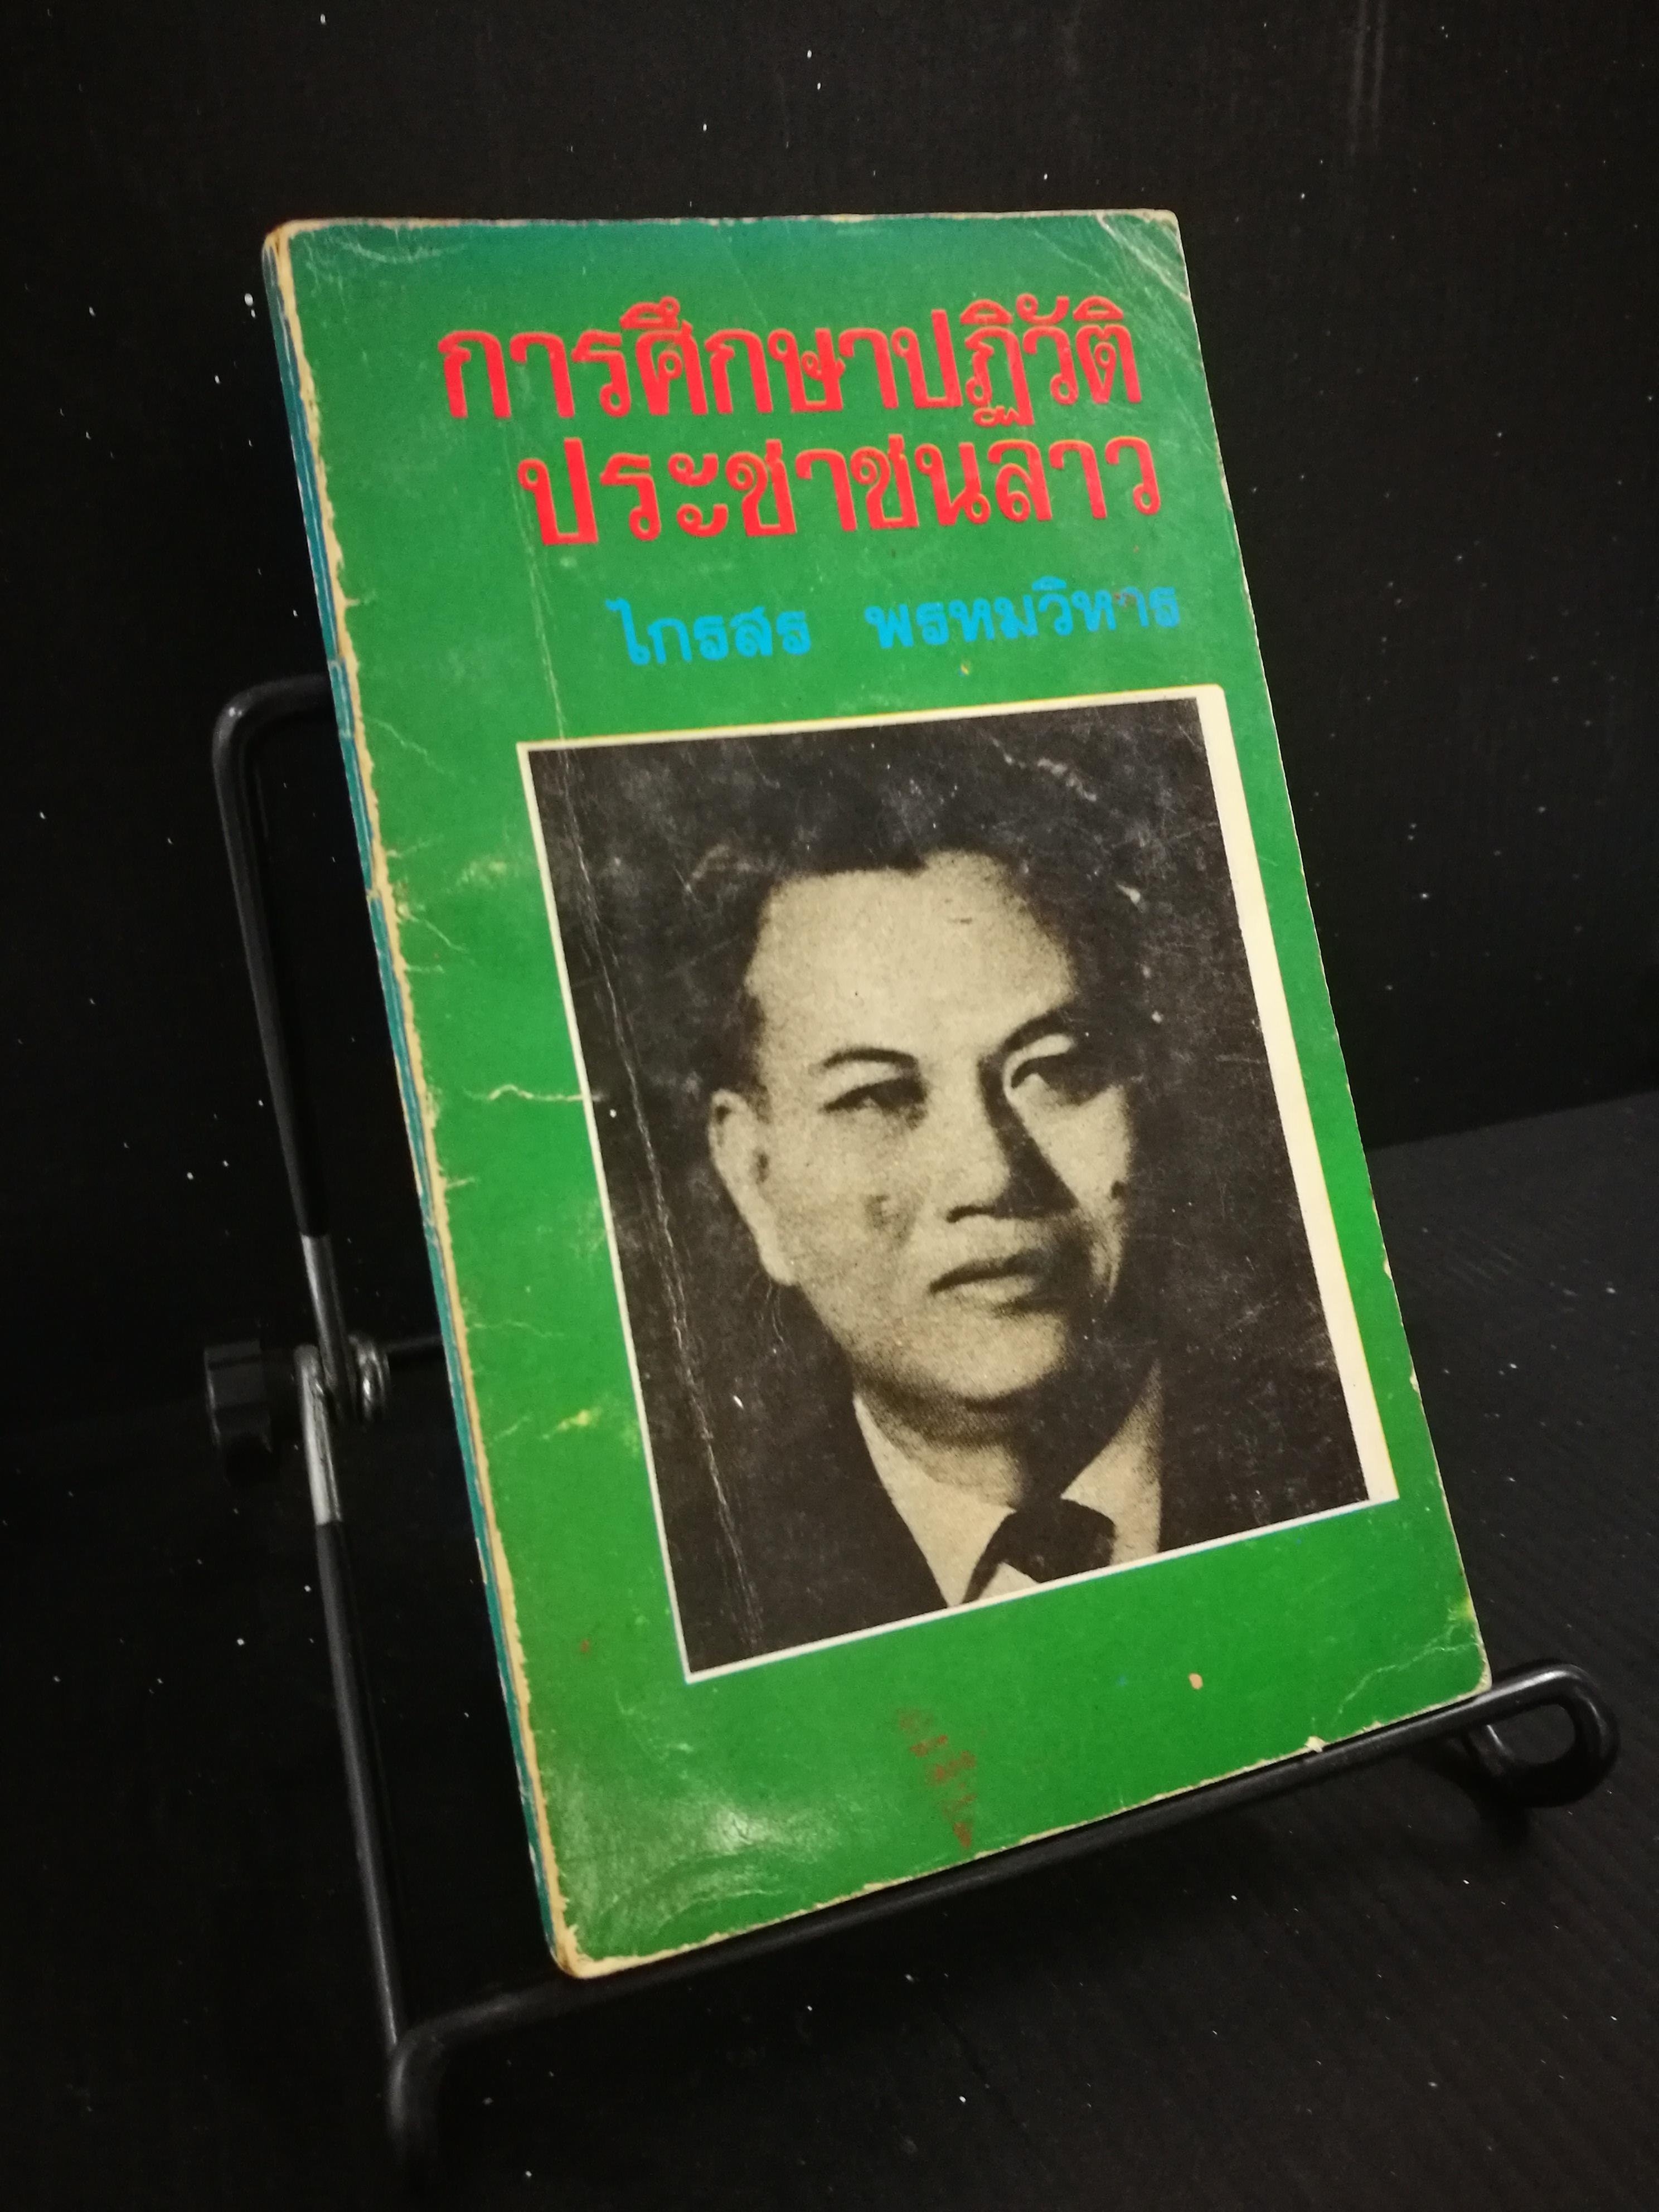 การศึกษาปฏิวัติประชาชนลาว - หนังสือต้องห้าม